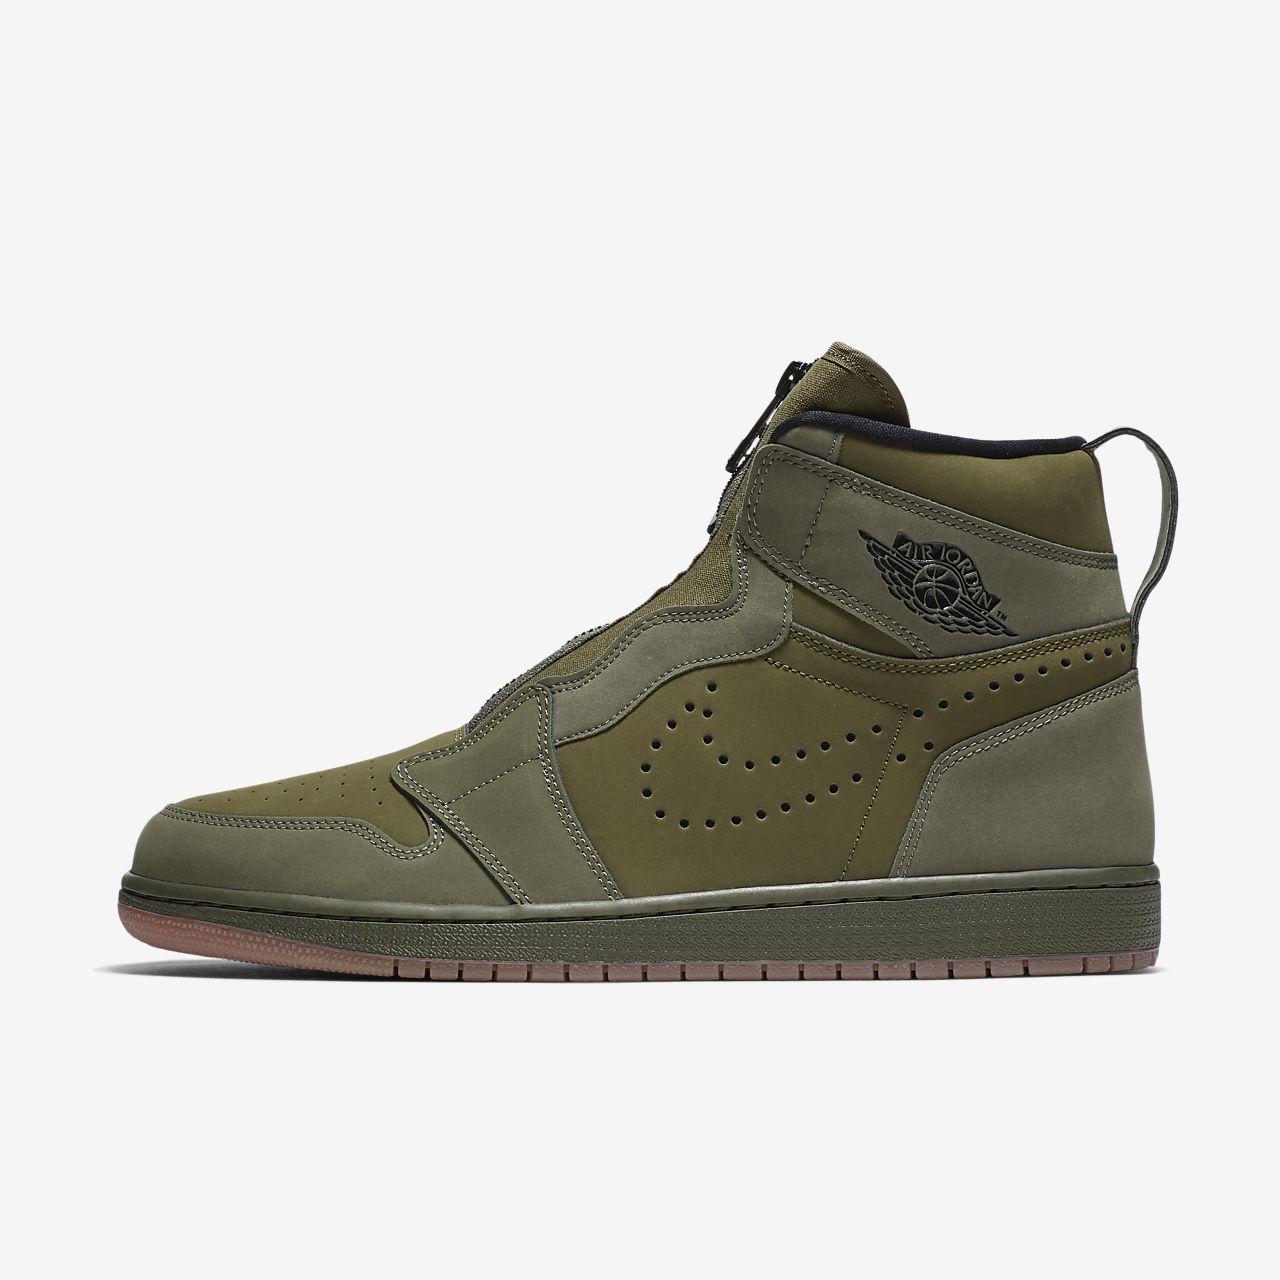 Air Jordan 1 High Zip 男子运动鞋